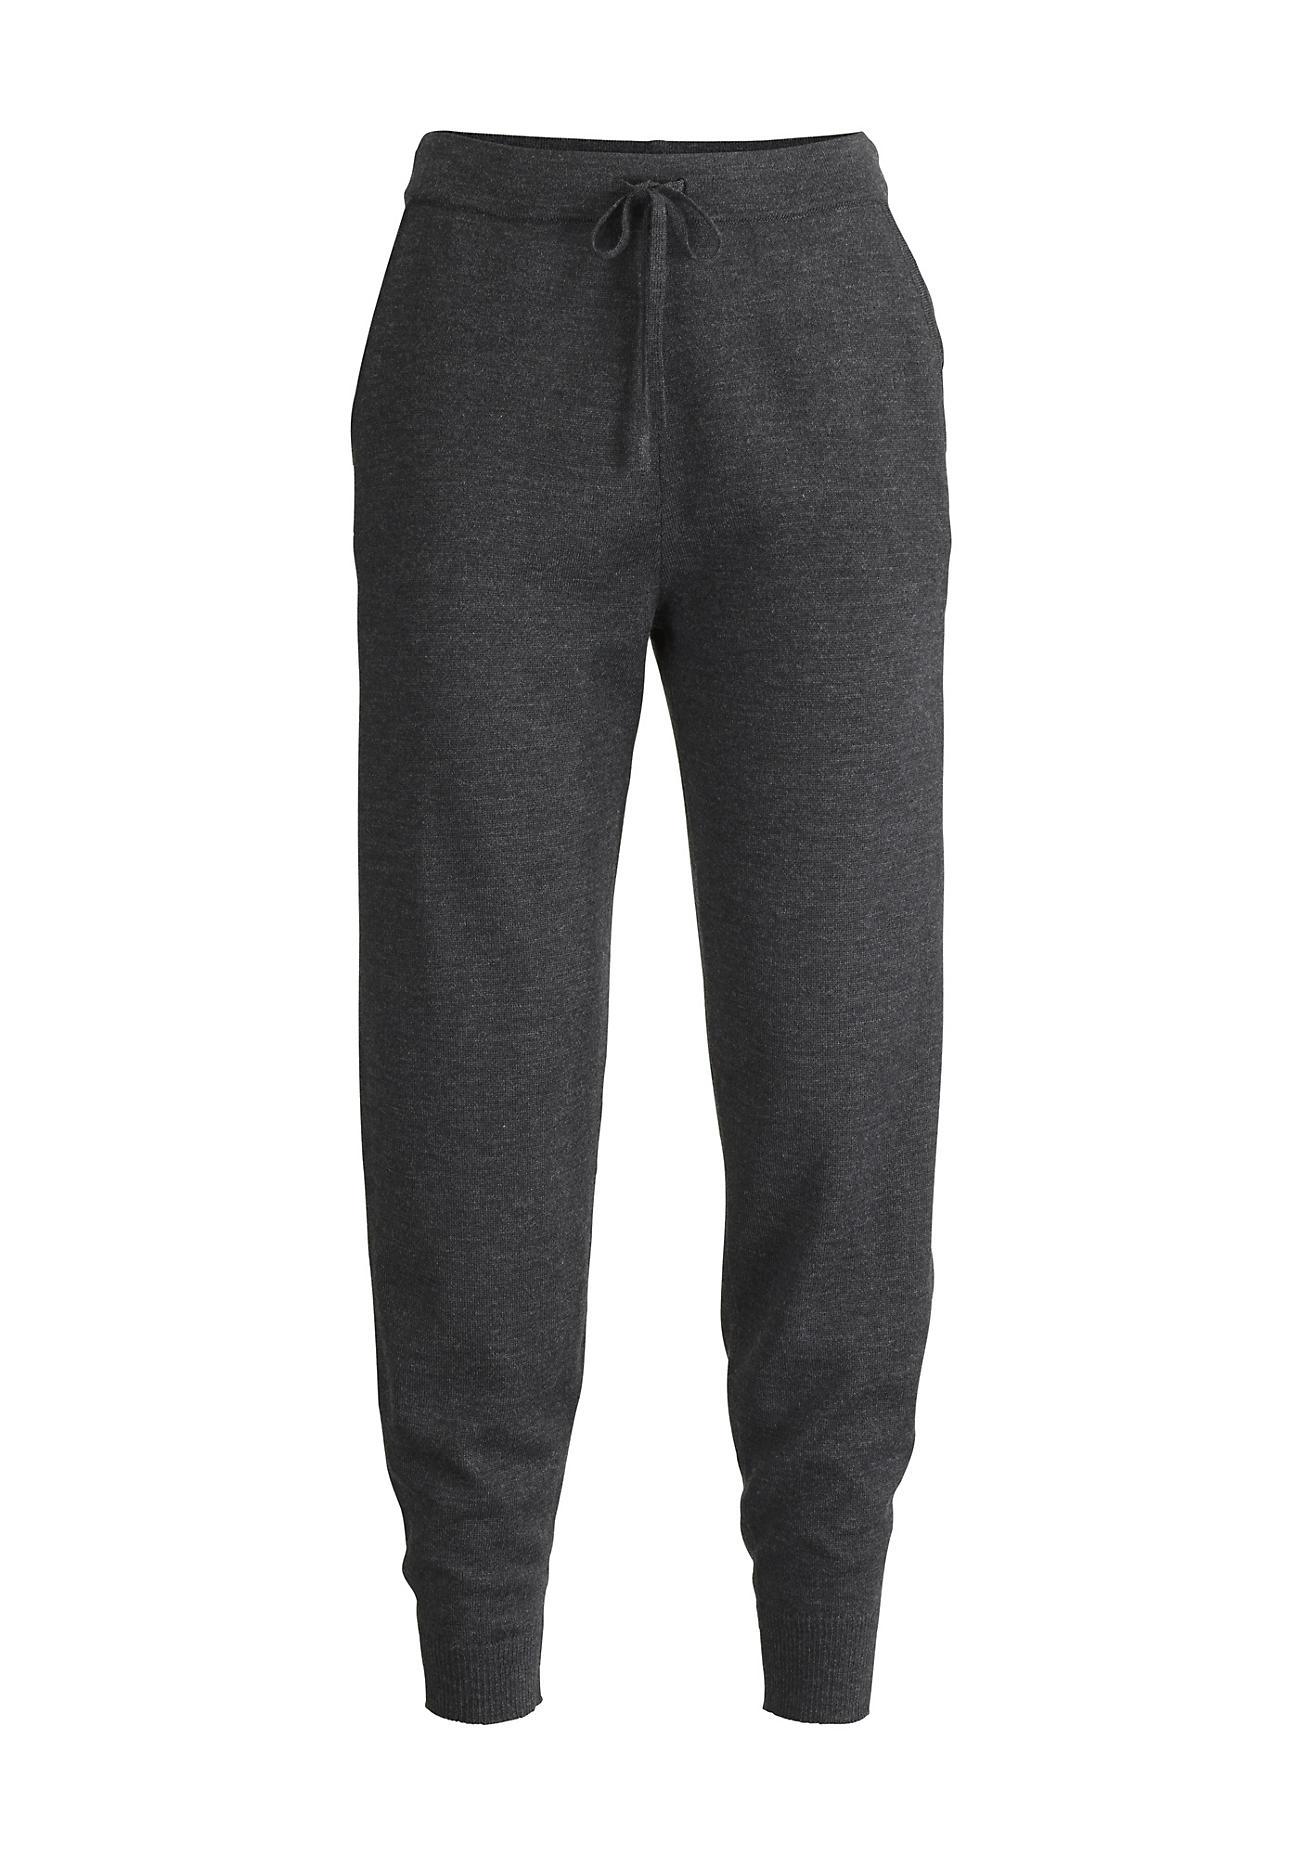 Hosen für Frauen - hessnatur Damen Strickhose aus Bio Merinowolle – schwarz –  - Onlineshop Hessnatur